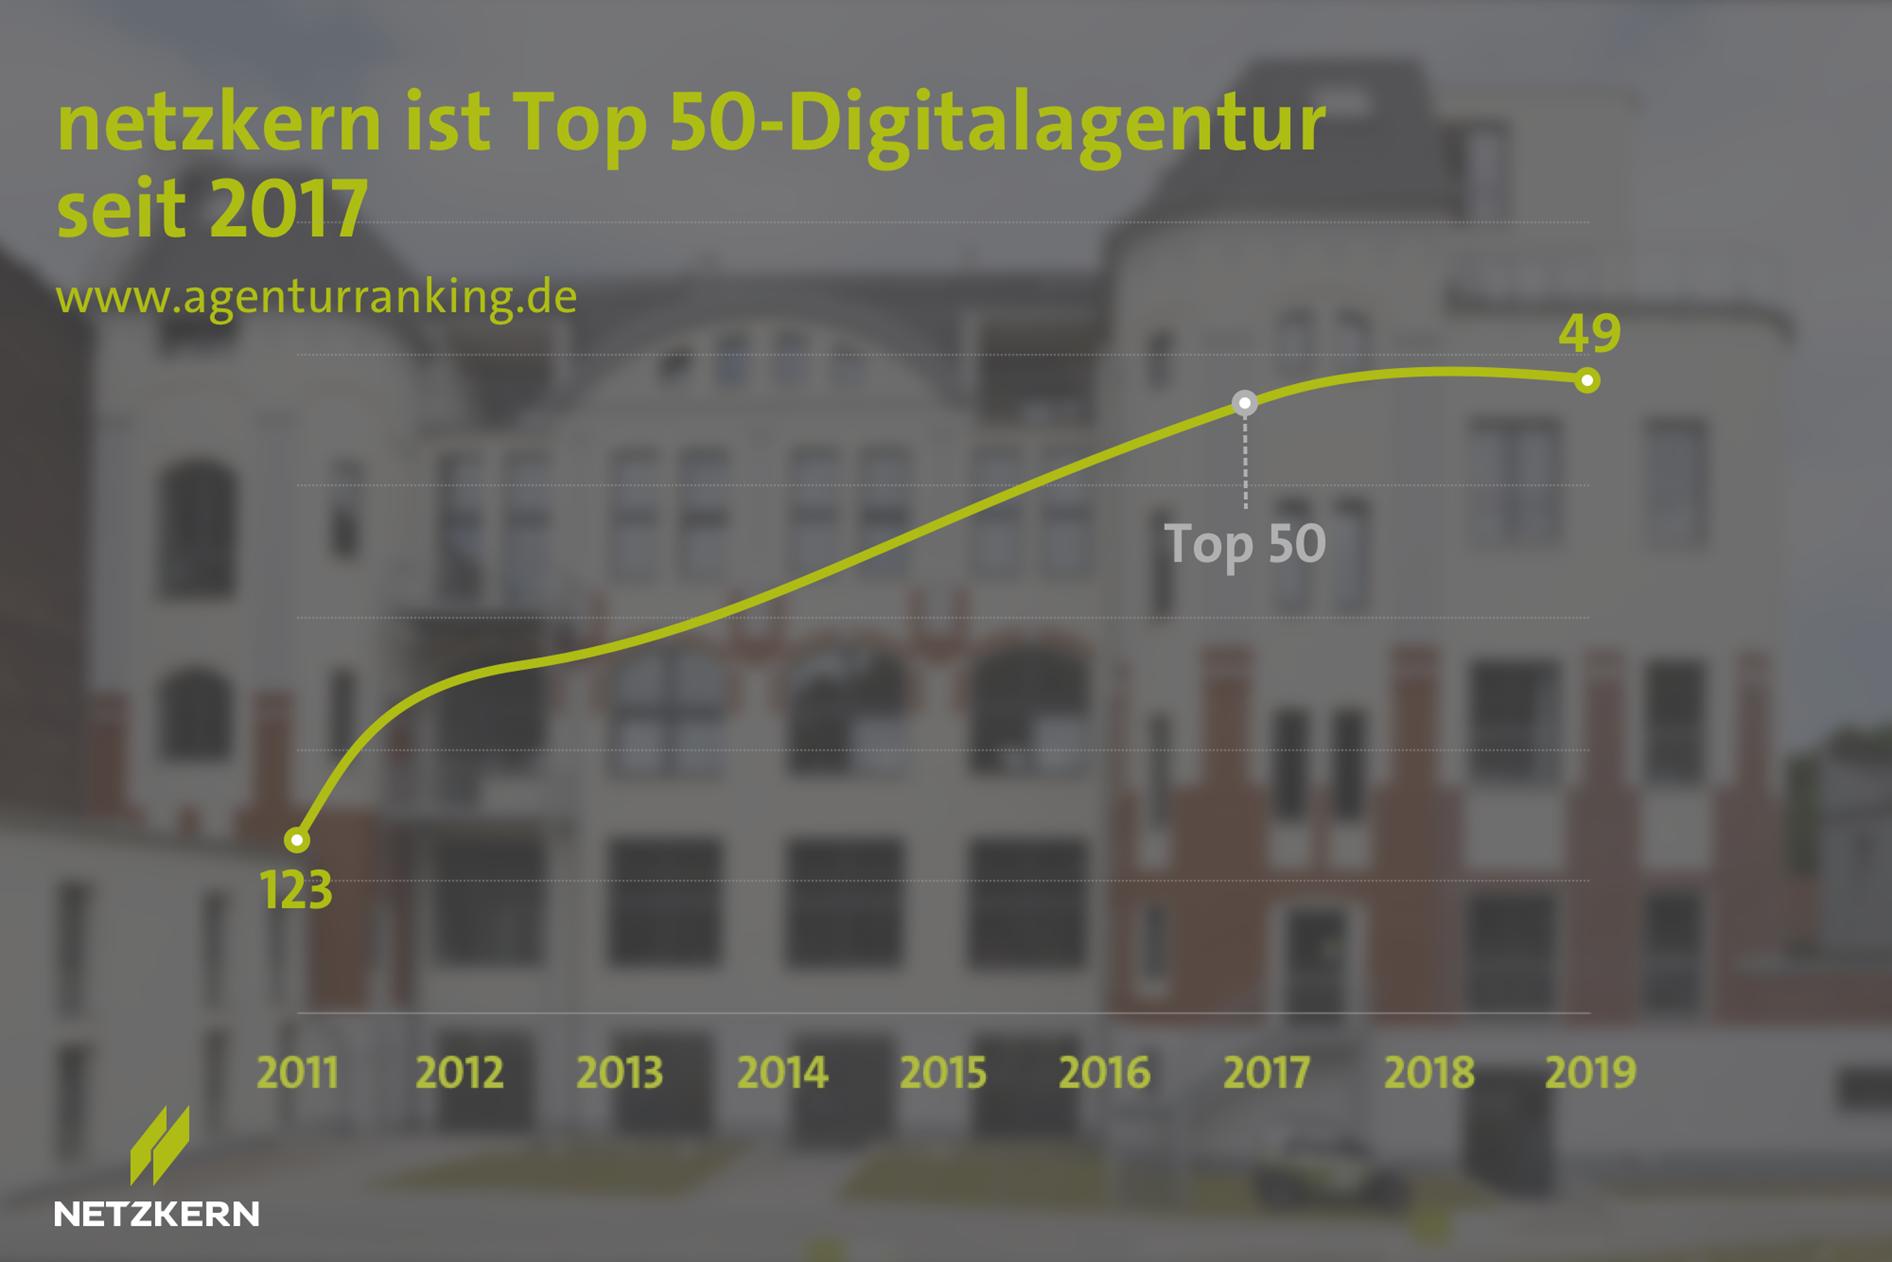 netzkern ist Top 50-Digitalagentur seit 2017